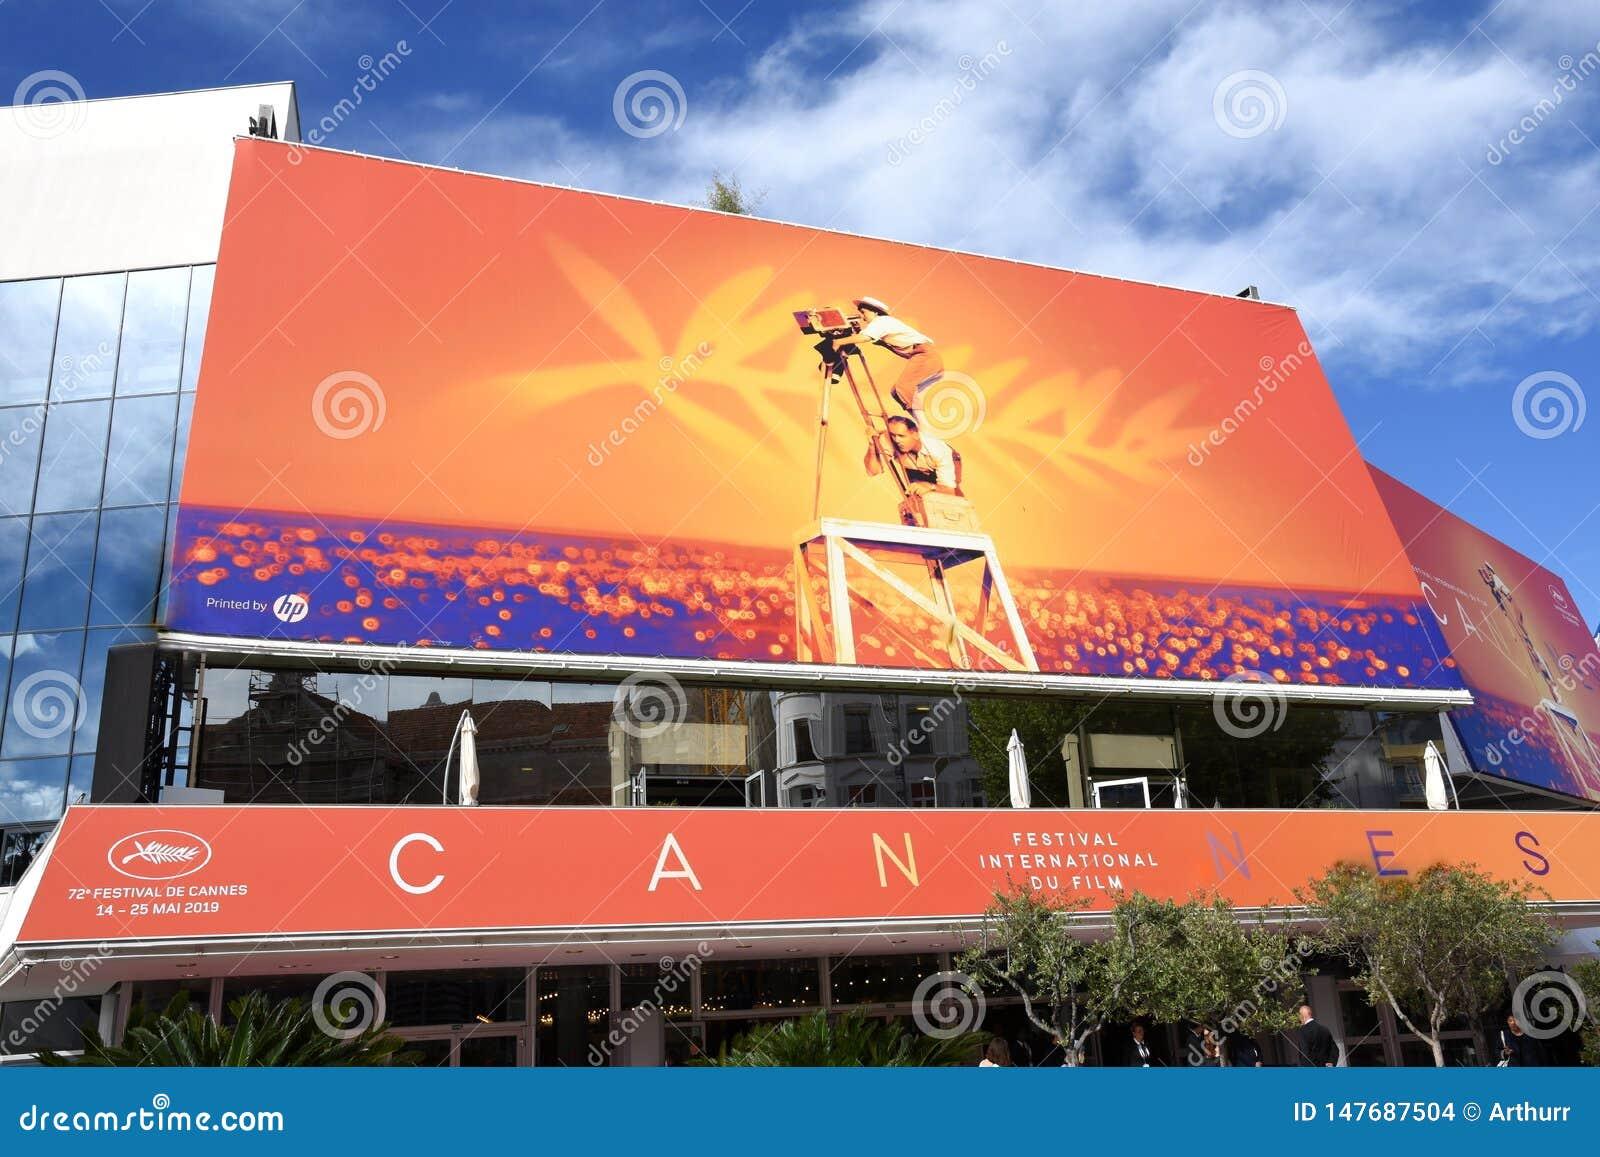 França, o palácio do festival de Cannes nas cores do 72th festival internacional do filme